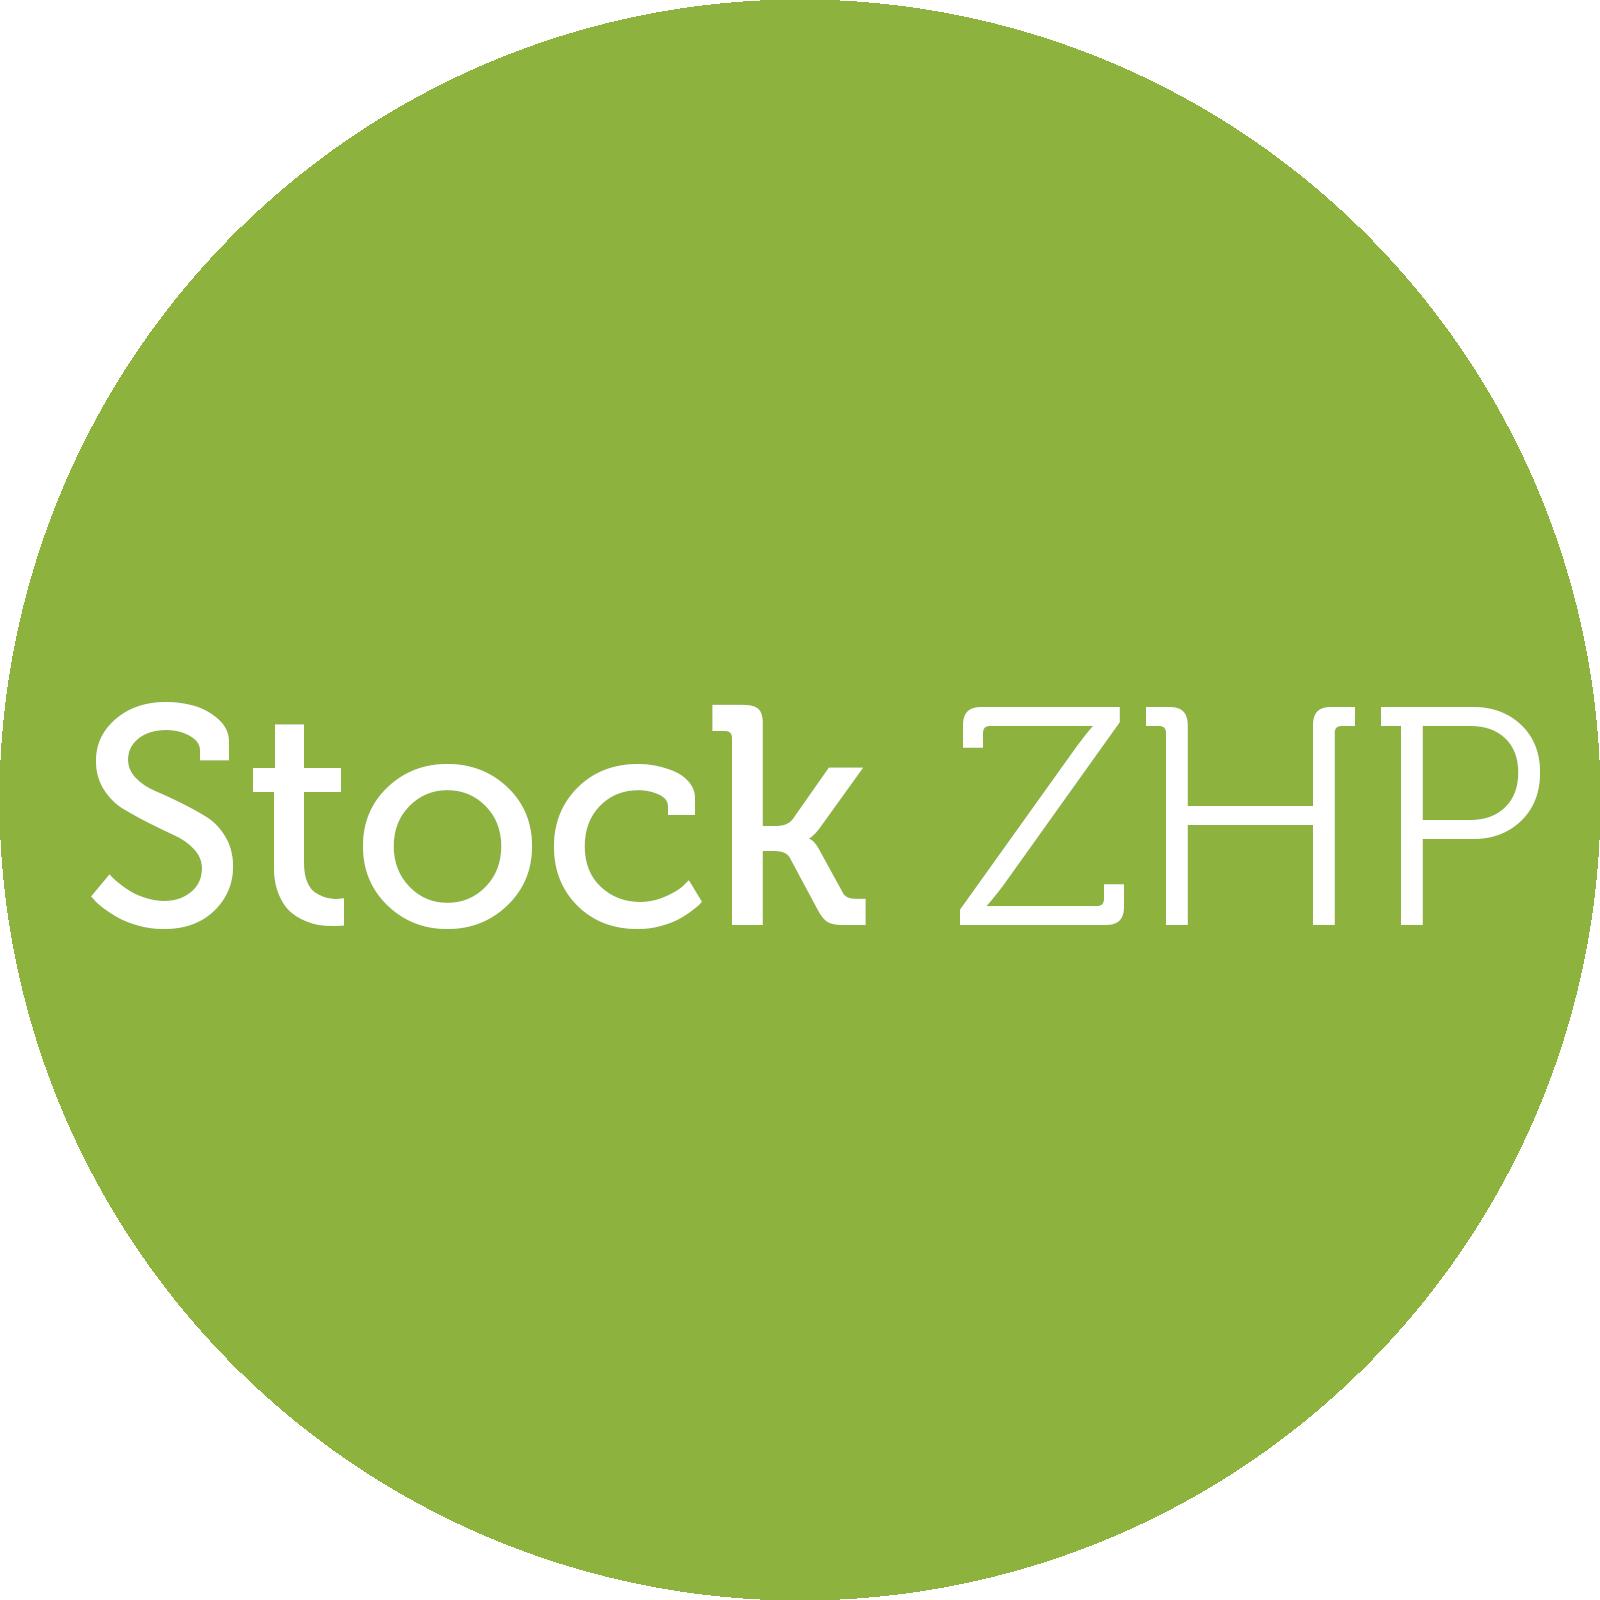 stock zhp